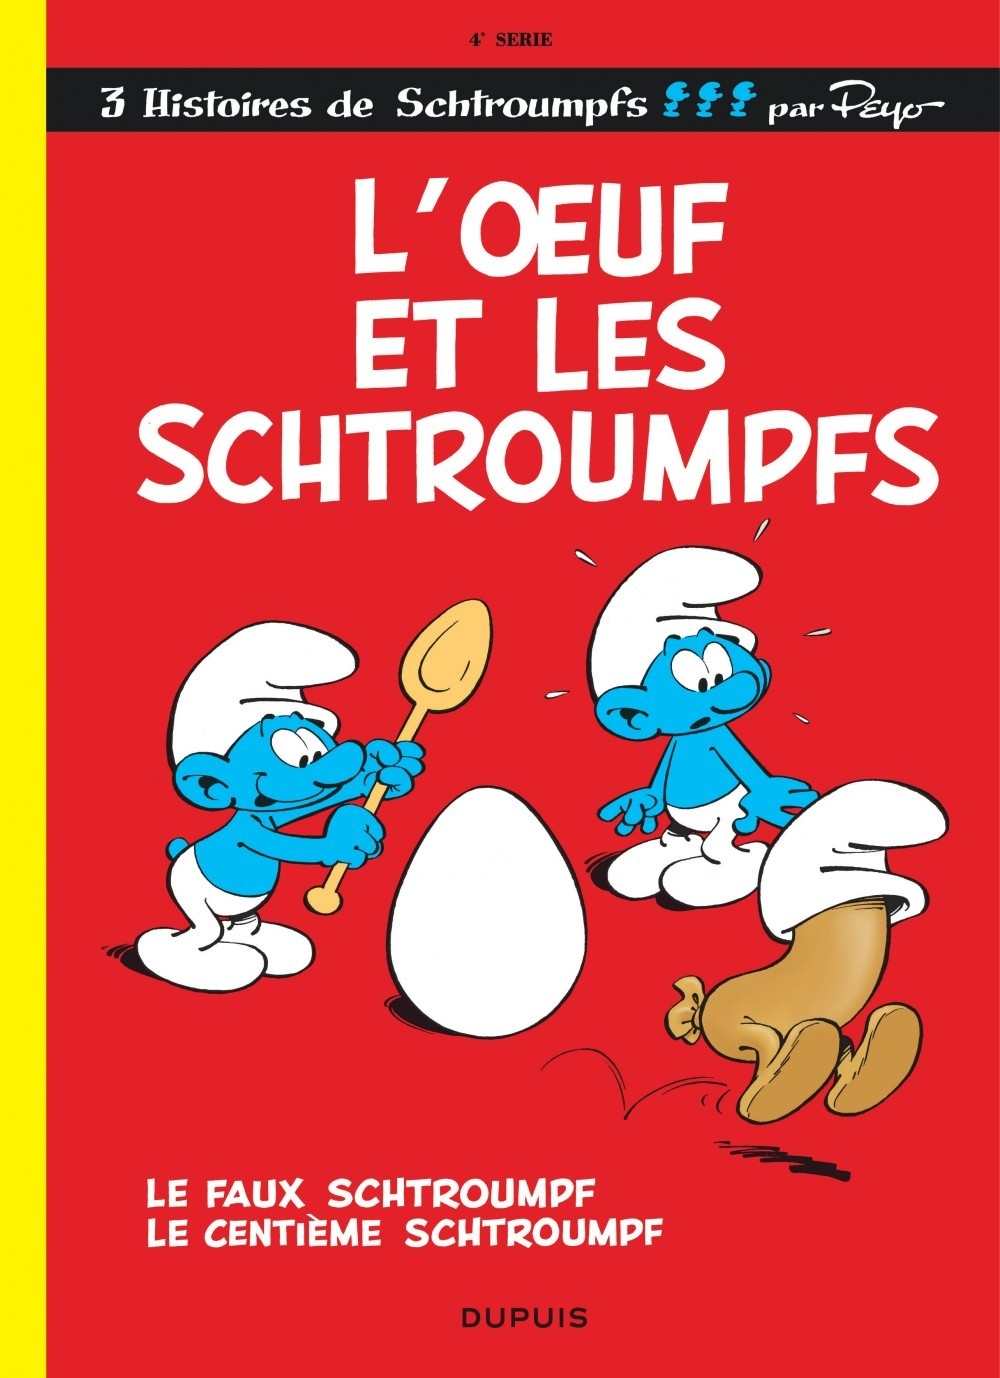 SCHTROUMPFS (DUPUIS) T4 L'OEUF ET LES SCHTROUMPFS